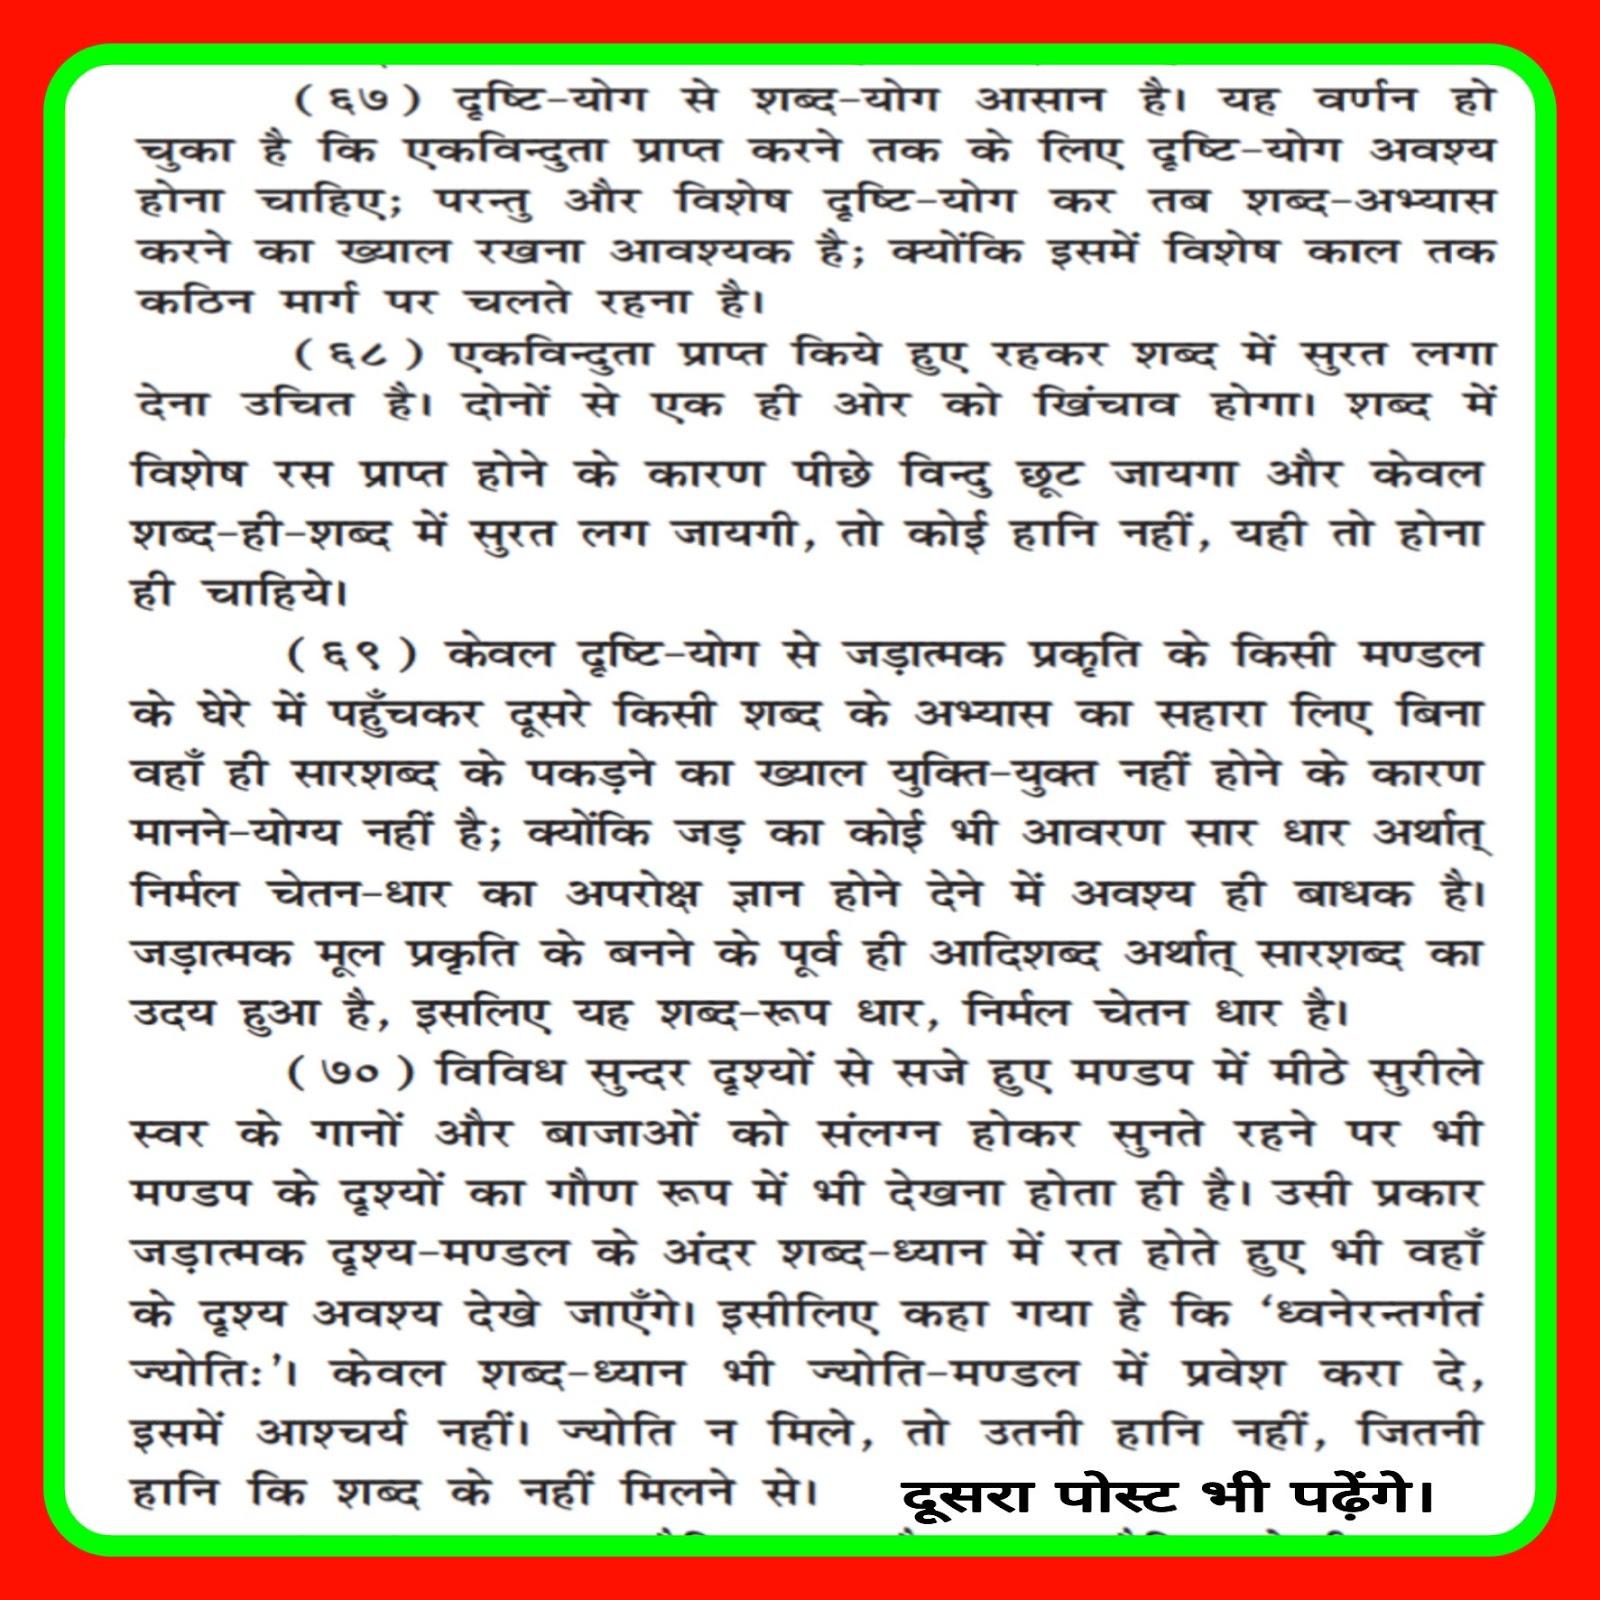 मोक्ष दर्शन (67-70), दृष्टियोग की अनुभूति और शब्द अभ्यास -सद्गुरु महर्षि मेंहीं/मोक्ष दर्शन पारा 67 से 70